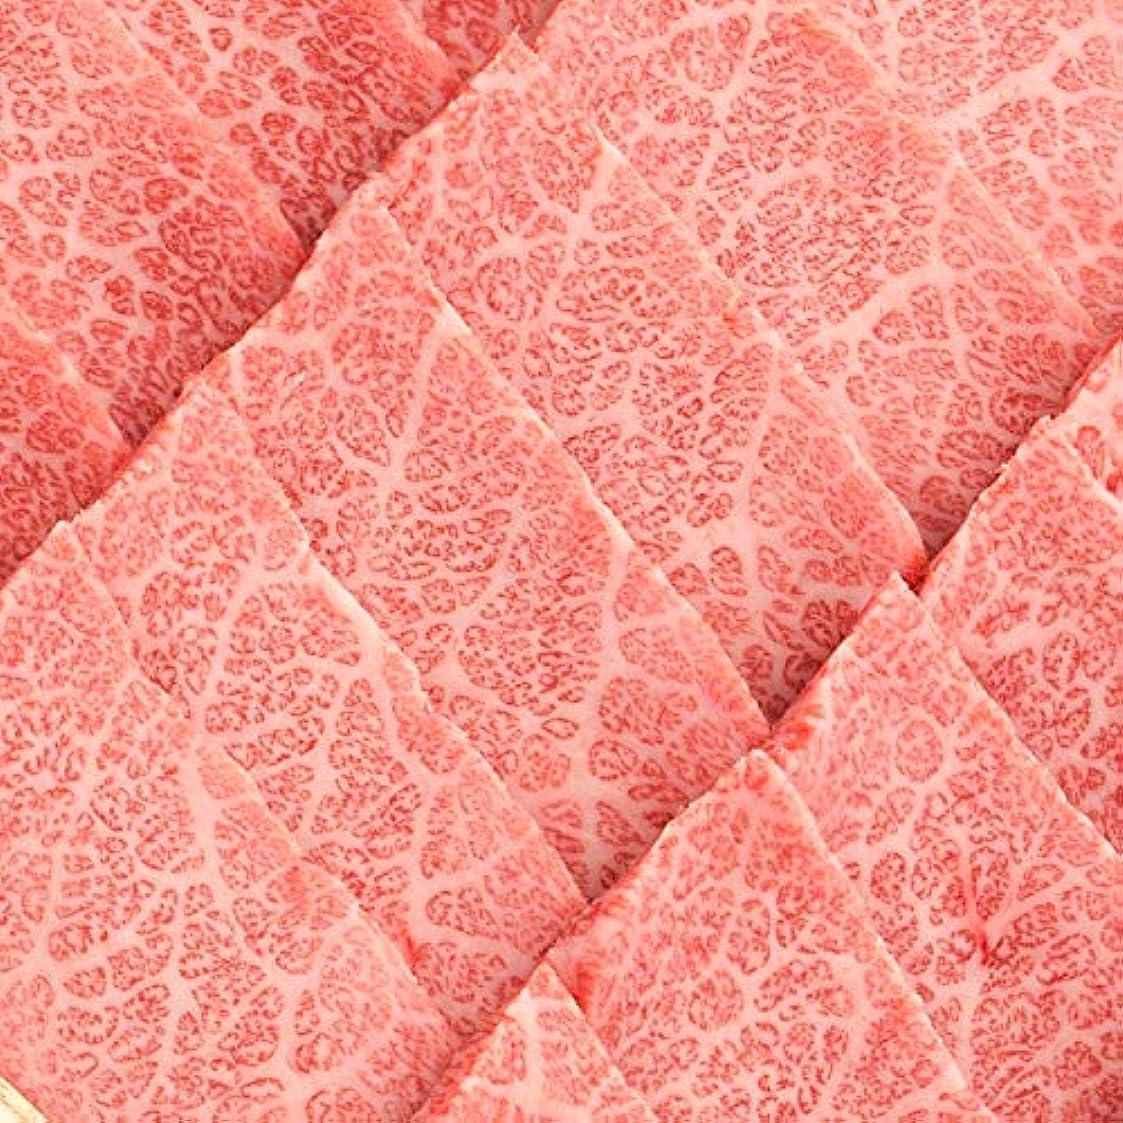 歌う非効率的なスチール【米沢牛卸 肉の上杉】 米沢牛霜降りカルビ 500g ギフト用桐箱仕様